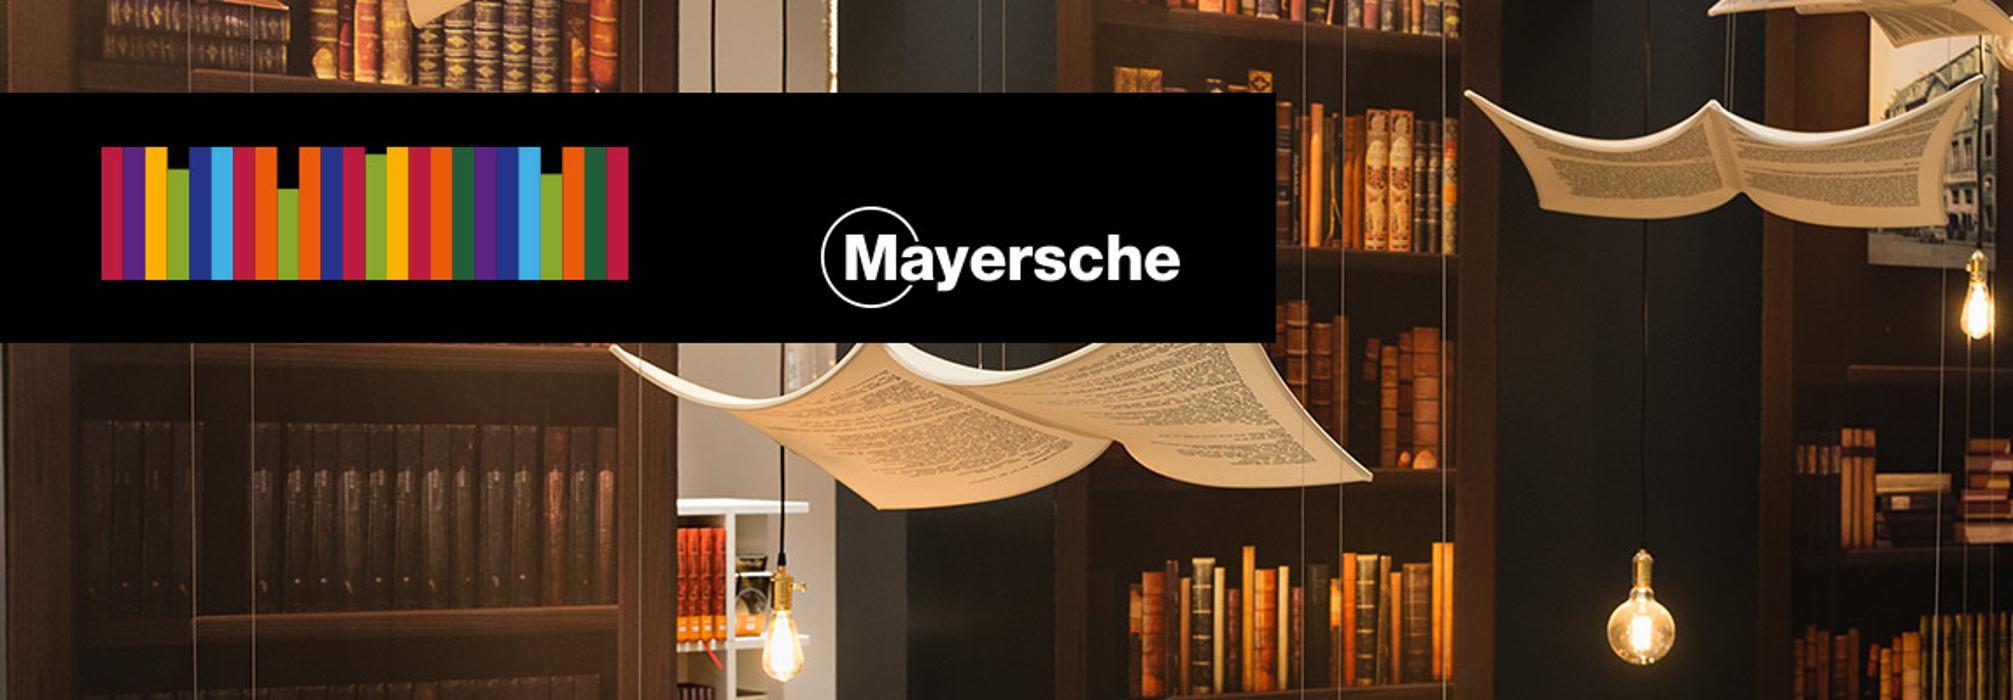 Mayersche Bochum - Ruhr Park, Am Einkaufszentrum in Bochum